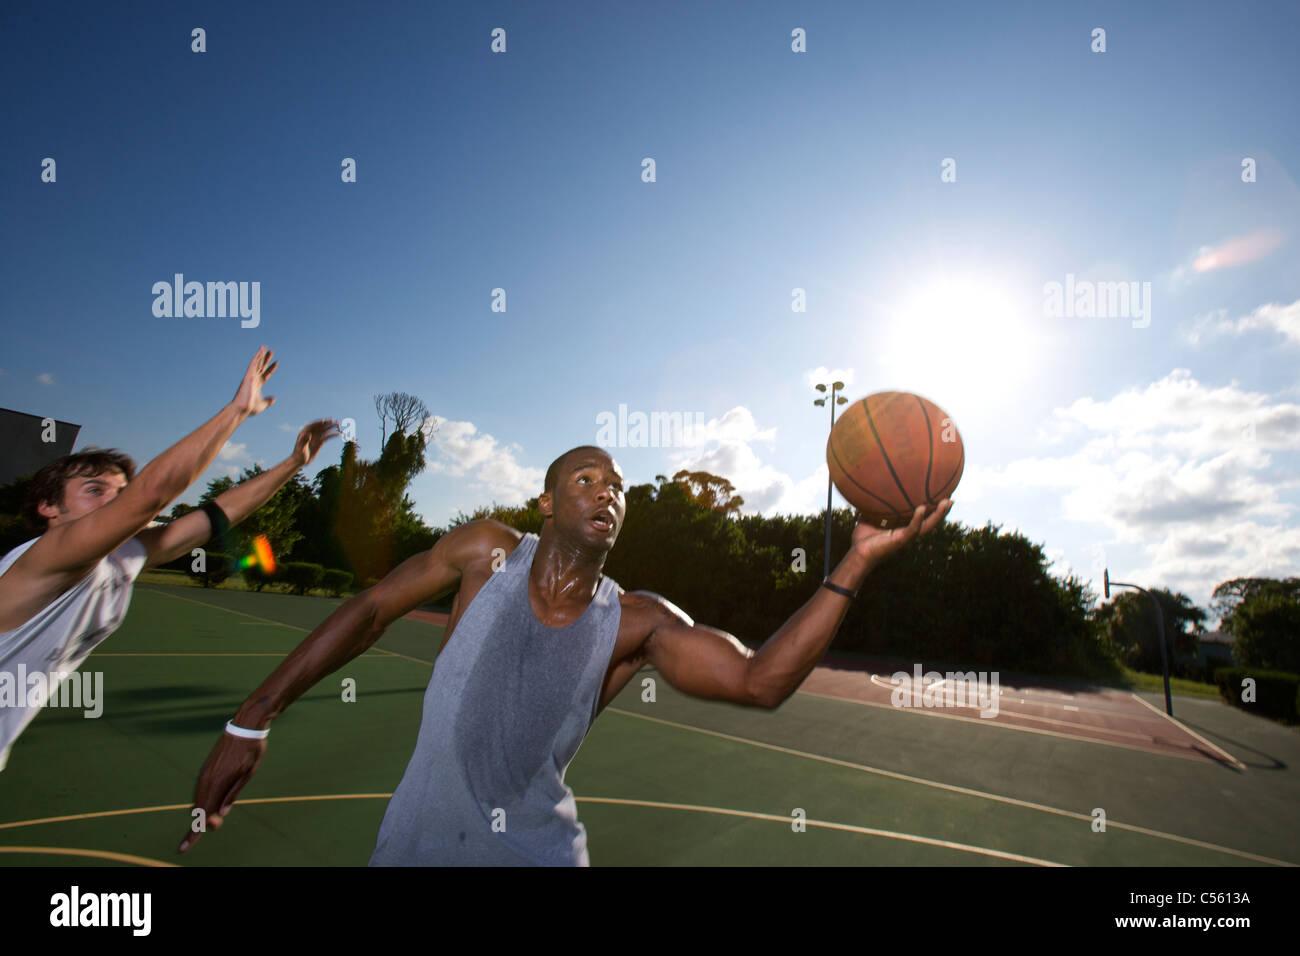 Match de basket-ball extérieur jouant les hommes Banque D'Images